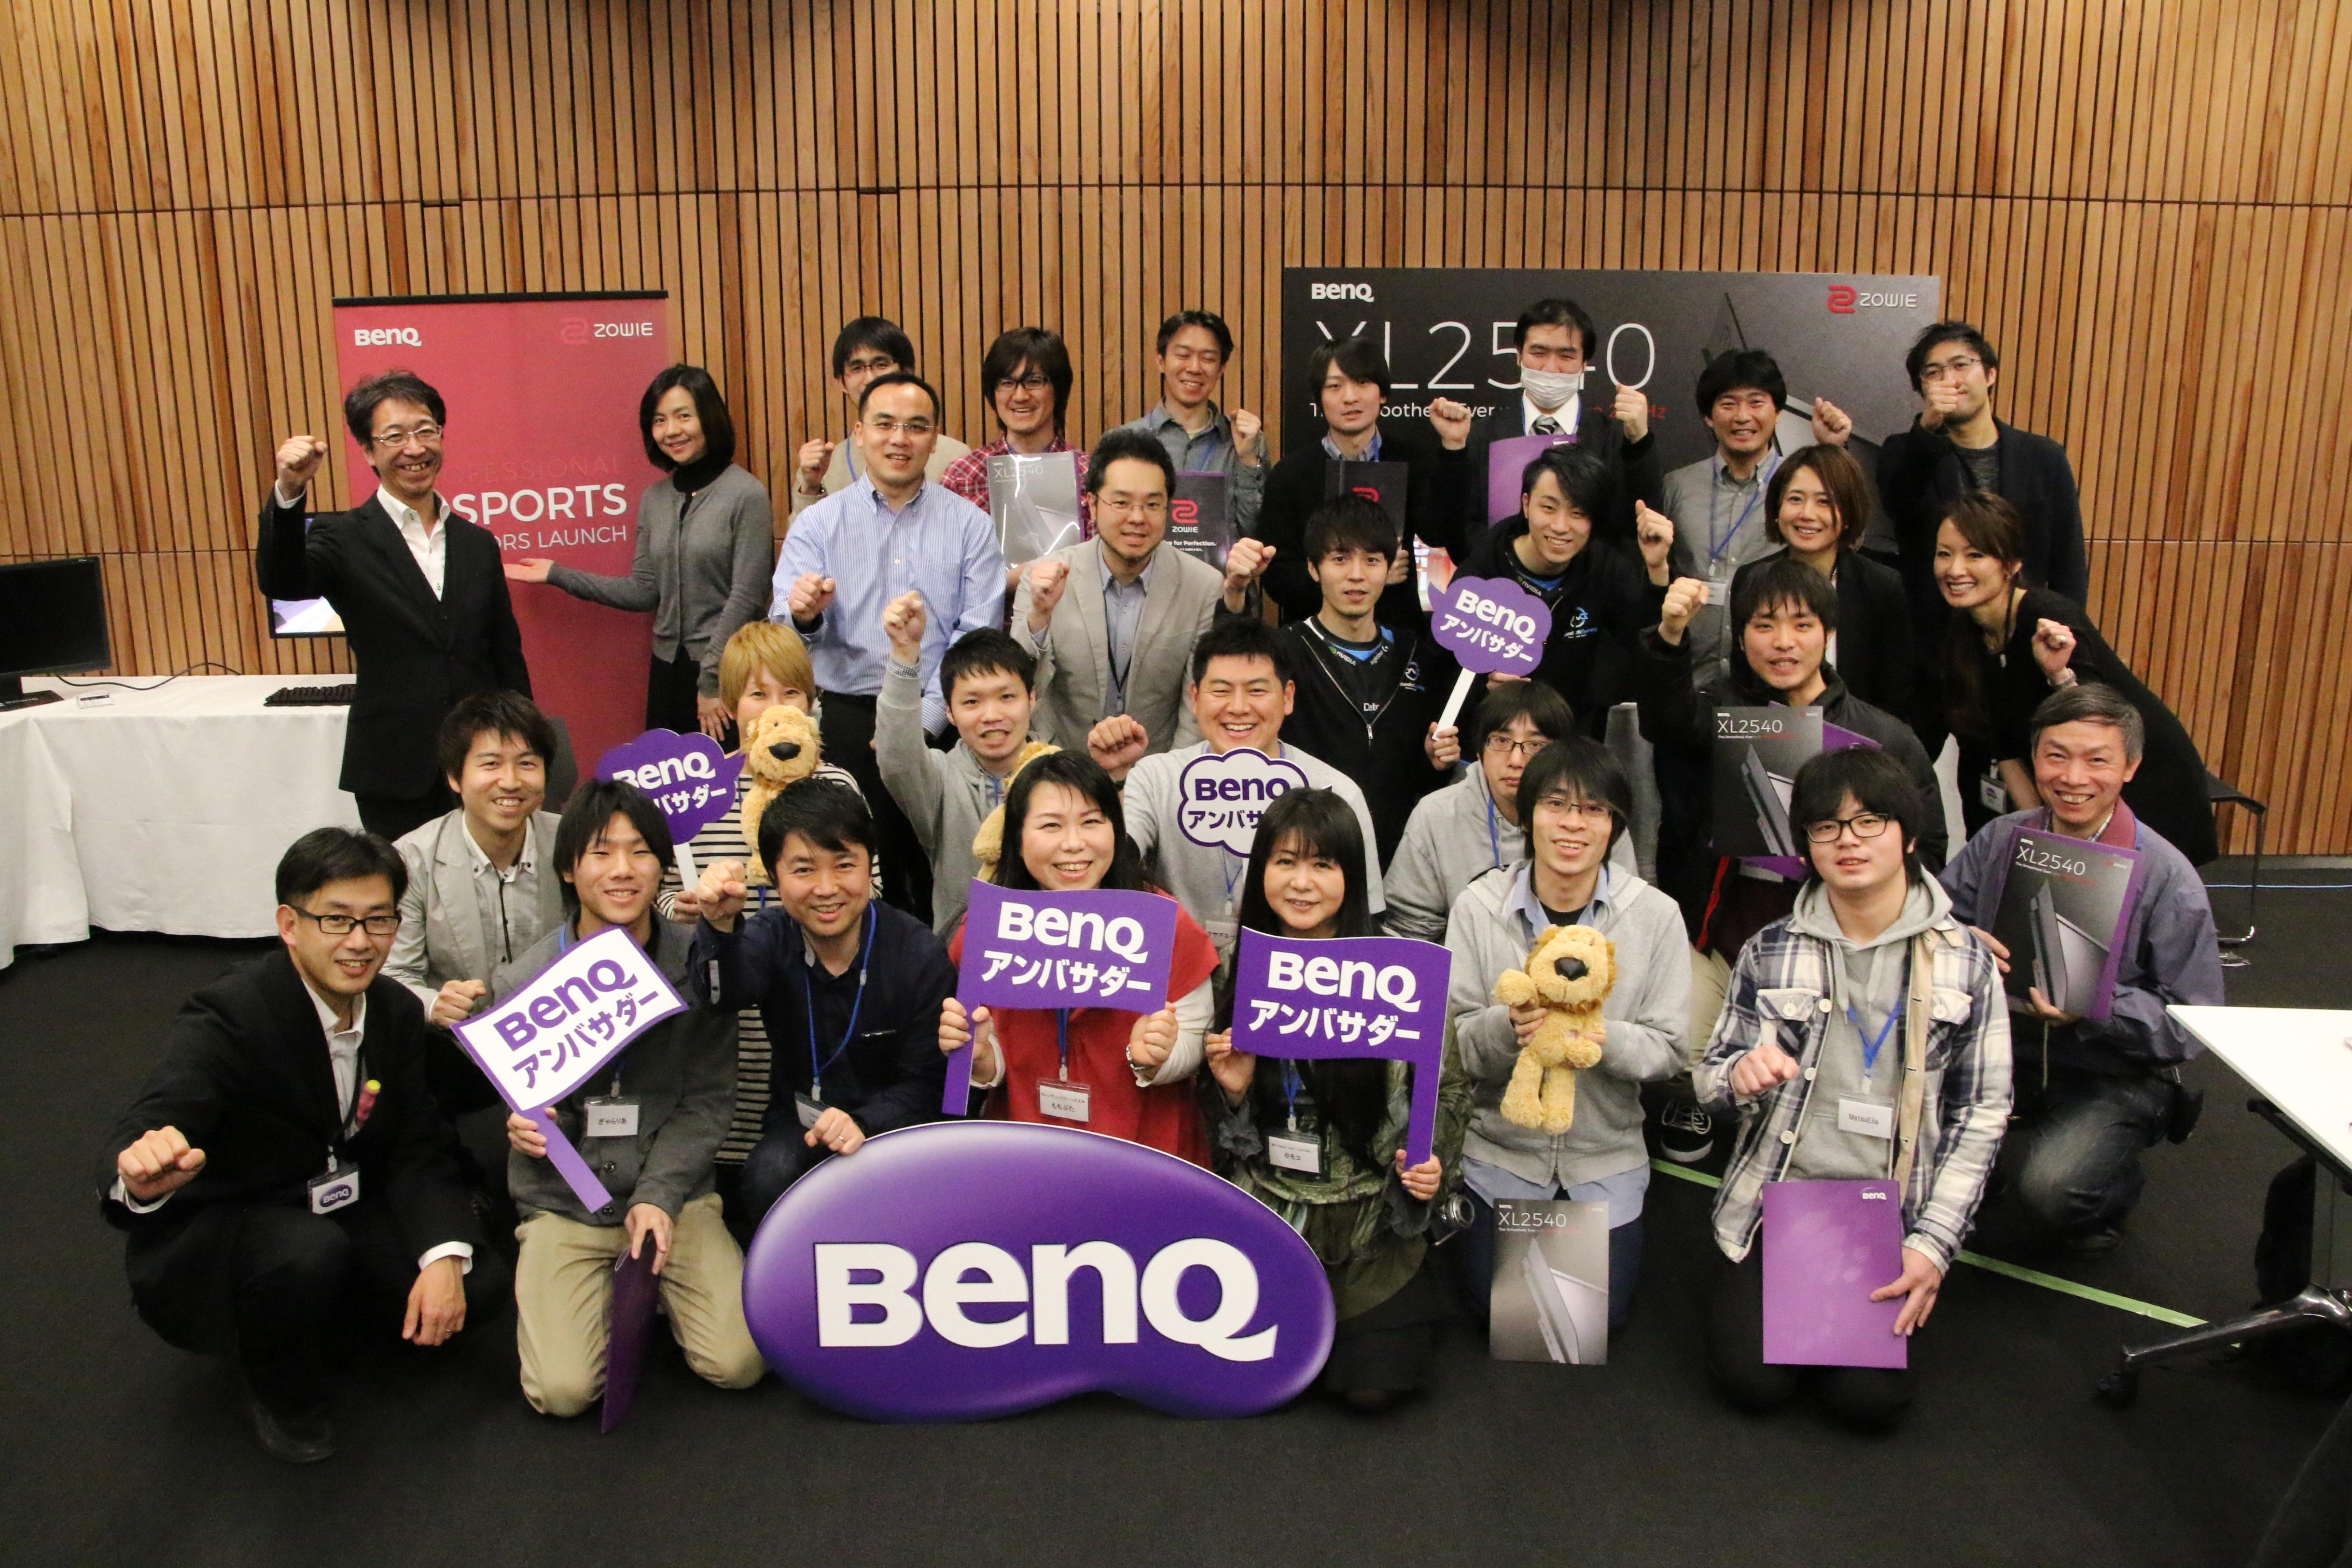 BenQアンバサダー活動報告 第2回BenQアンバサダーイベント 『BenQのゲーマー向けブランド「ZOWIE(ゾーウィー)」体験イベント』を開催しました。